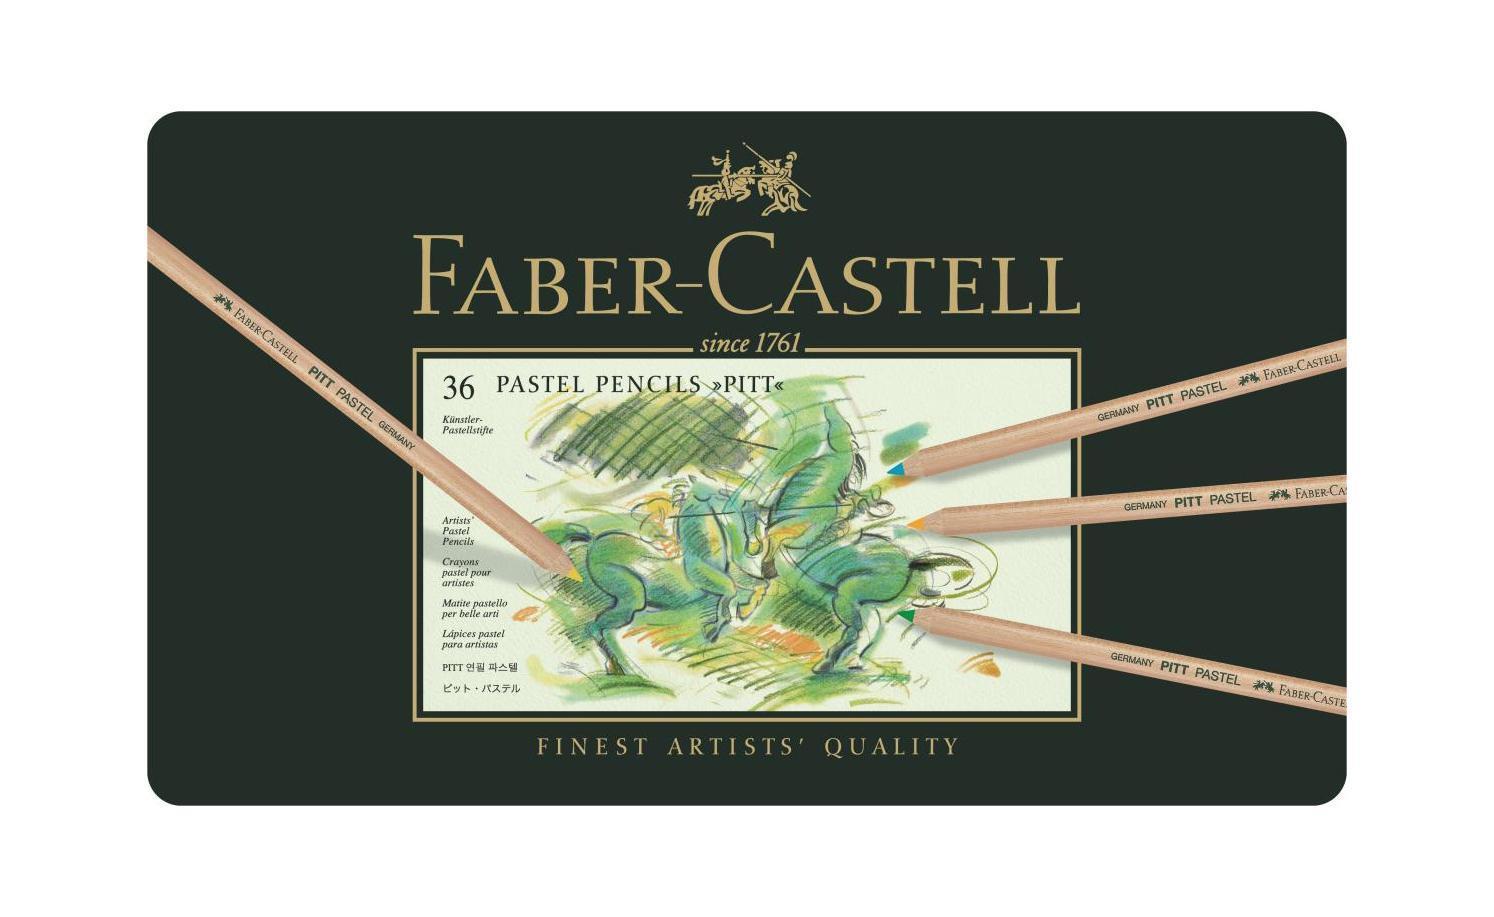 Пастельные карандаши PITT®, набор цветов, в металлической коробке, 36 шт.112136Faber Castell PITT 112136 - это пастельные карандаши высокого качества, устойчивые к выцветанию. Они не содержат воска, имеют исключительно толстые грифели 4.3 мм. Вид карандаша: цветной. Материал: дерево.